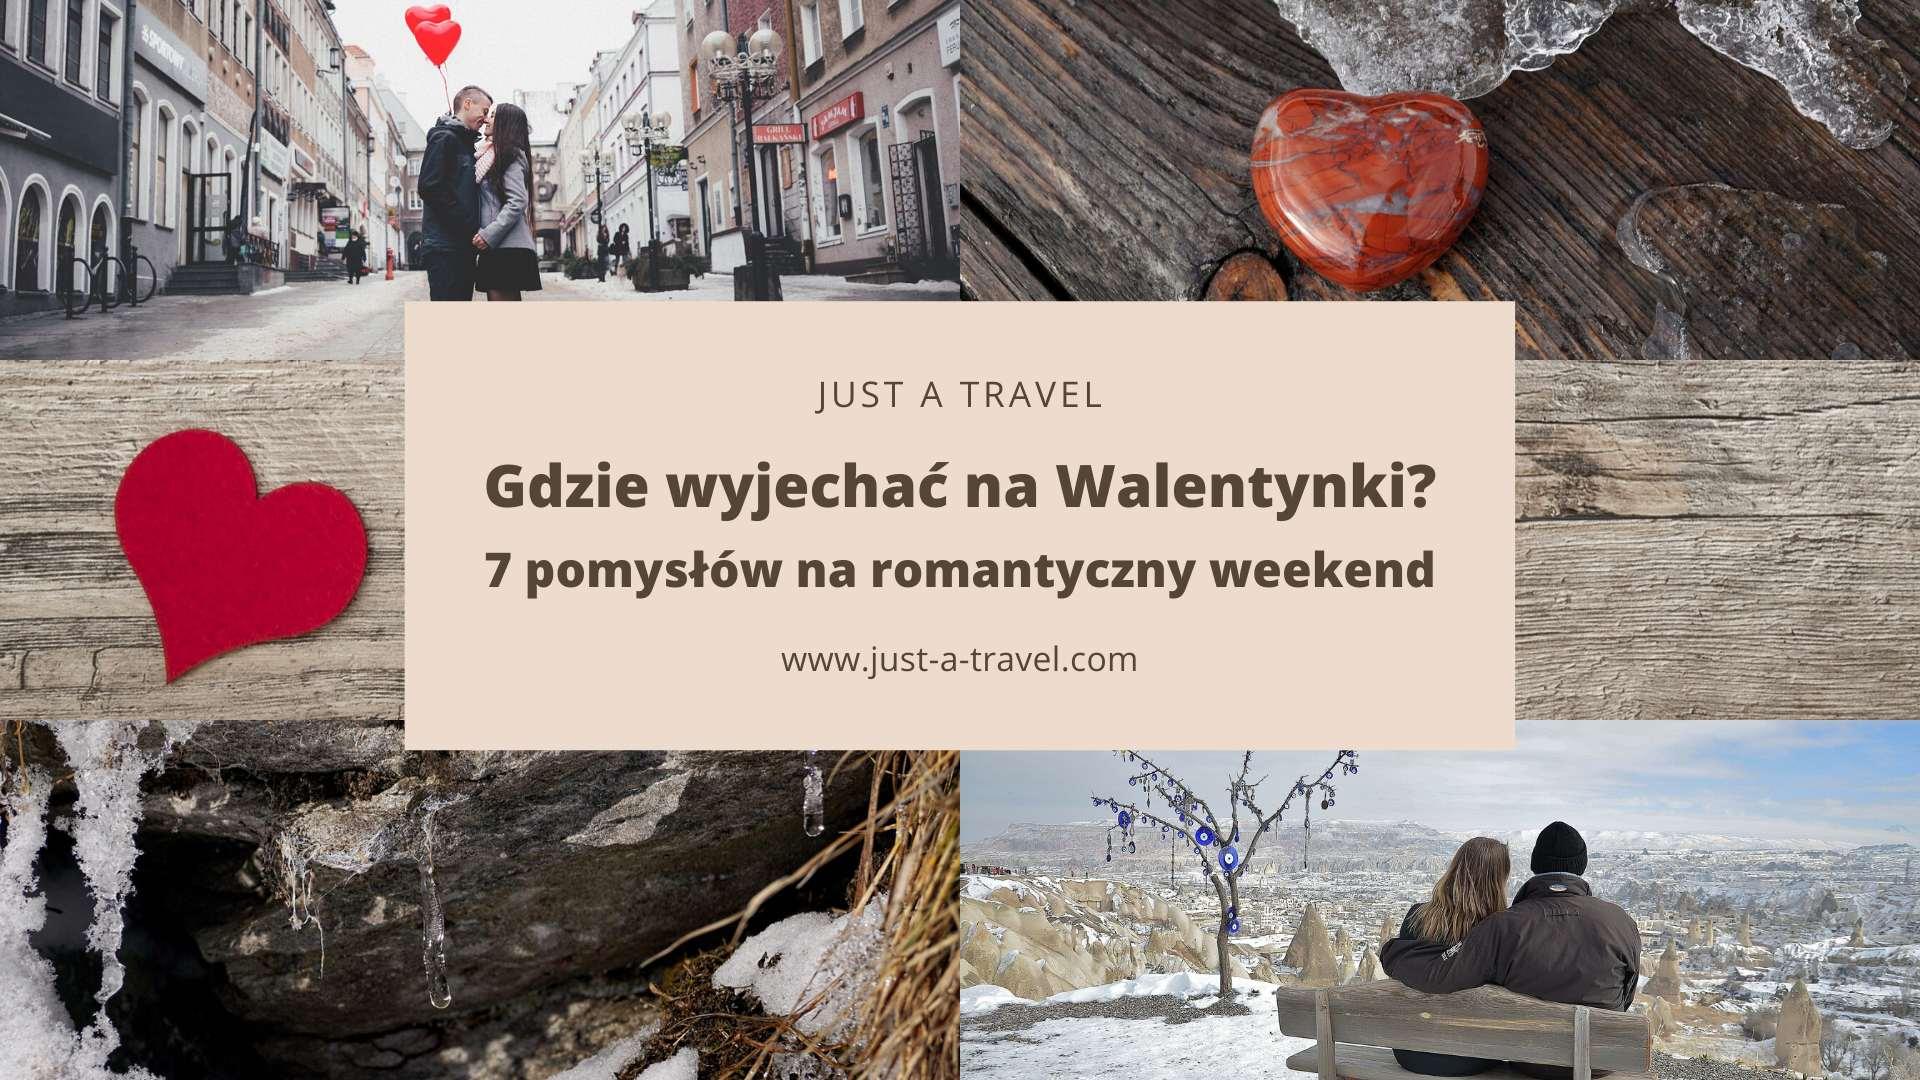 Gdzie wyjechać na Walentynki, 7 pomysłów na romantyczny weekend we dwoje